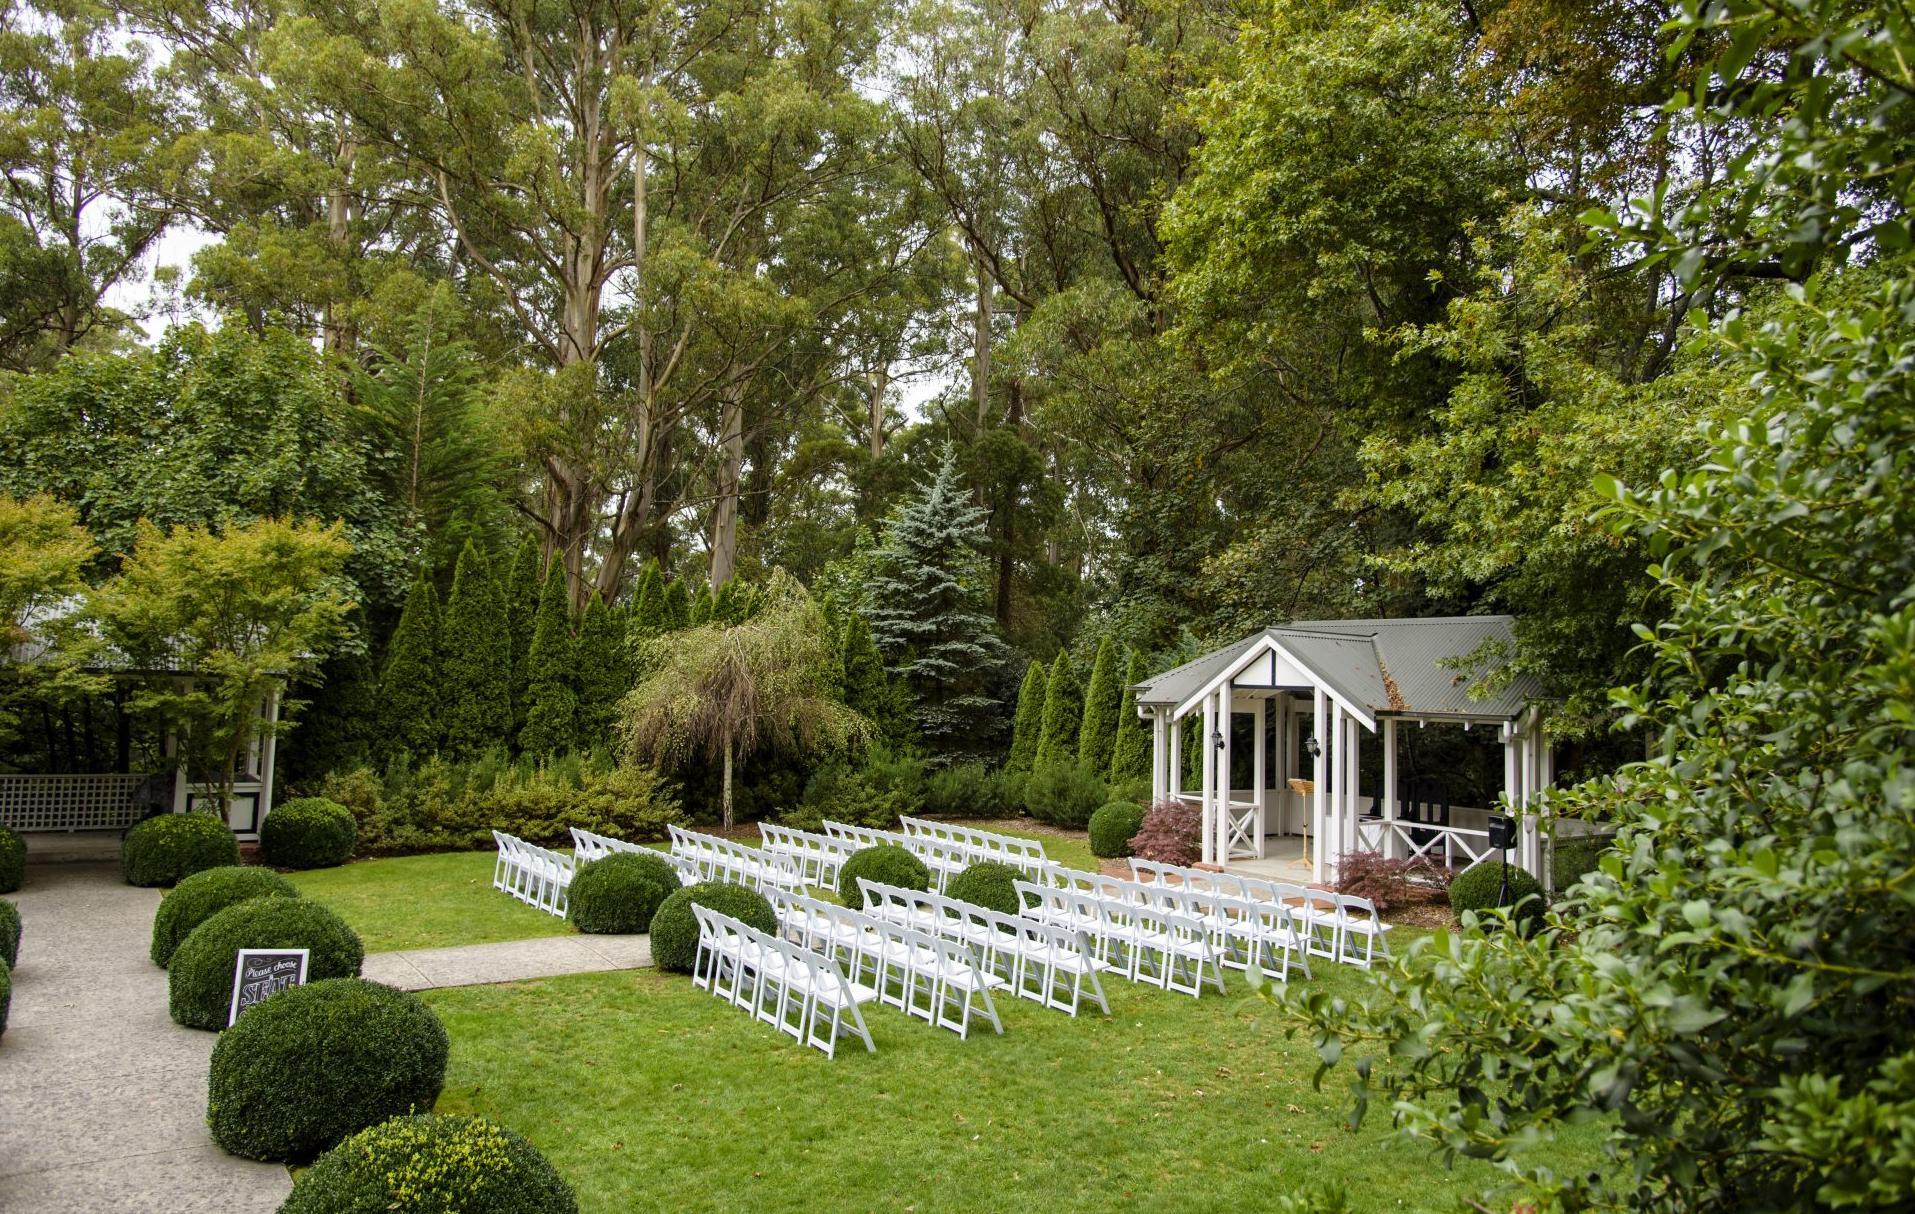 Marybrooke Manor wedding ceremony set up